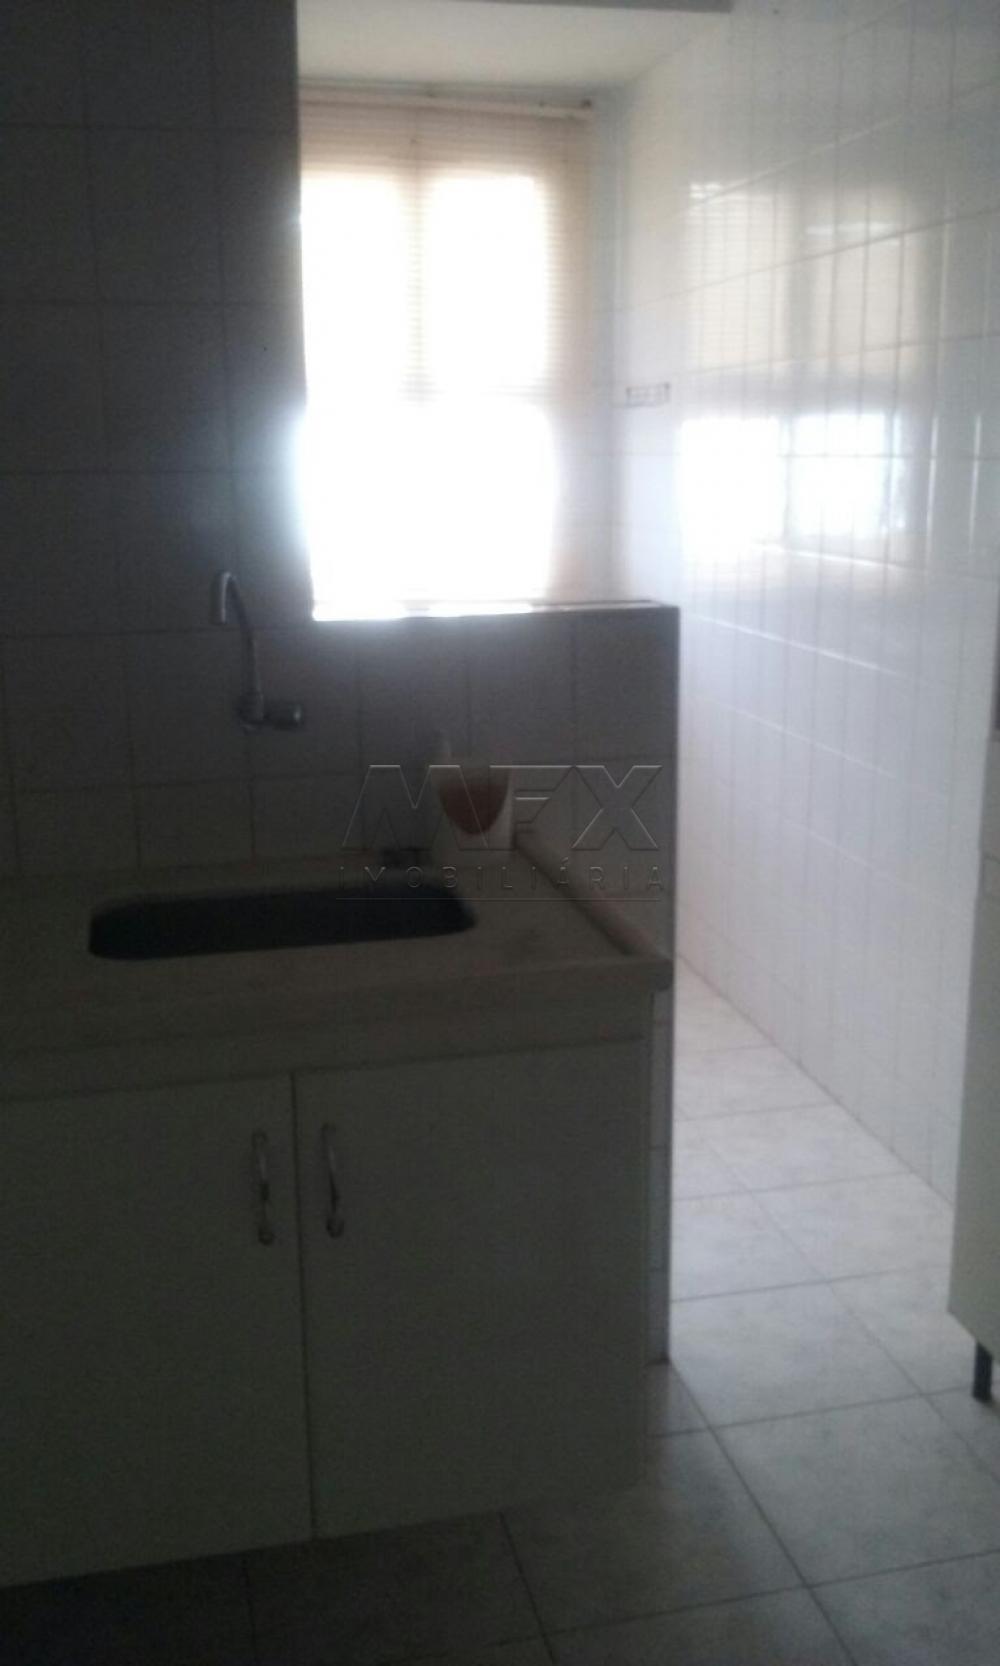 Comprar Apartamento / Padrão em Bauru R$ 130.000,00 - Foto 6